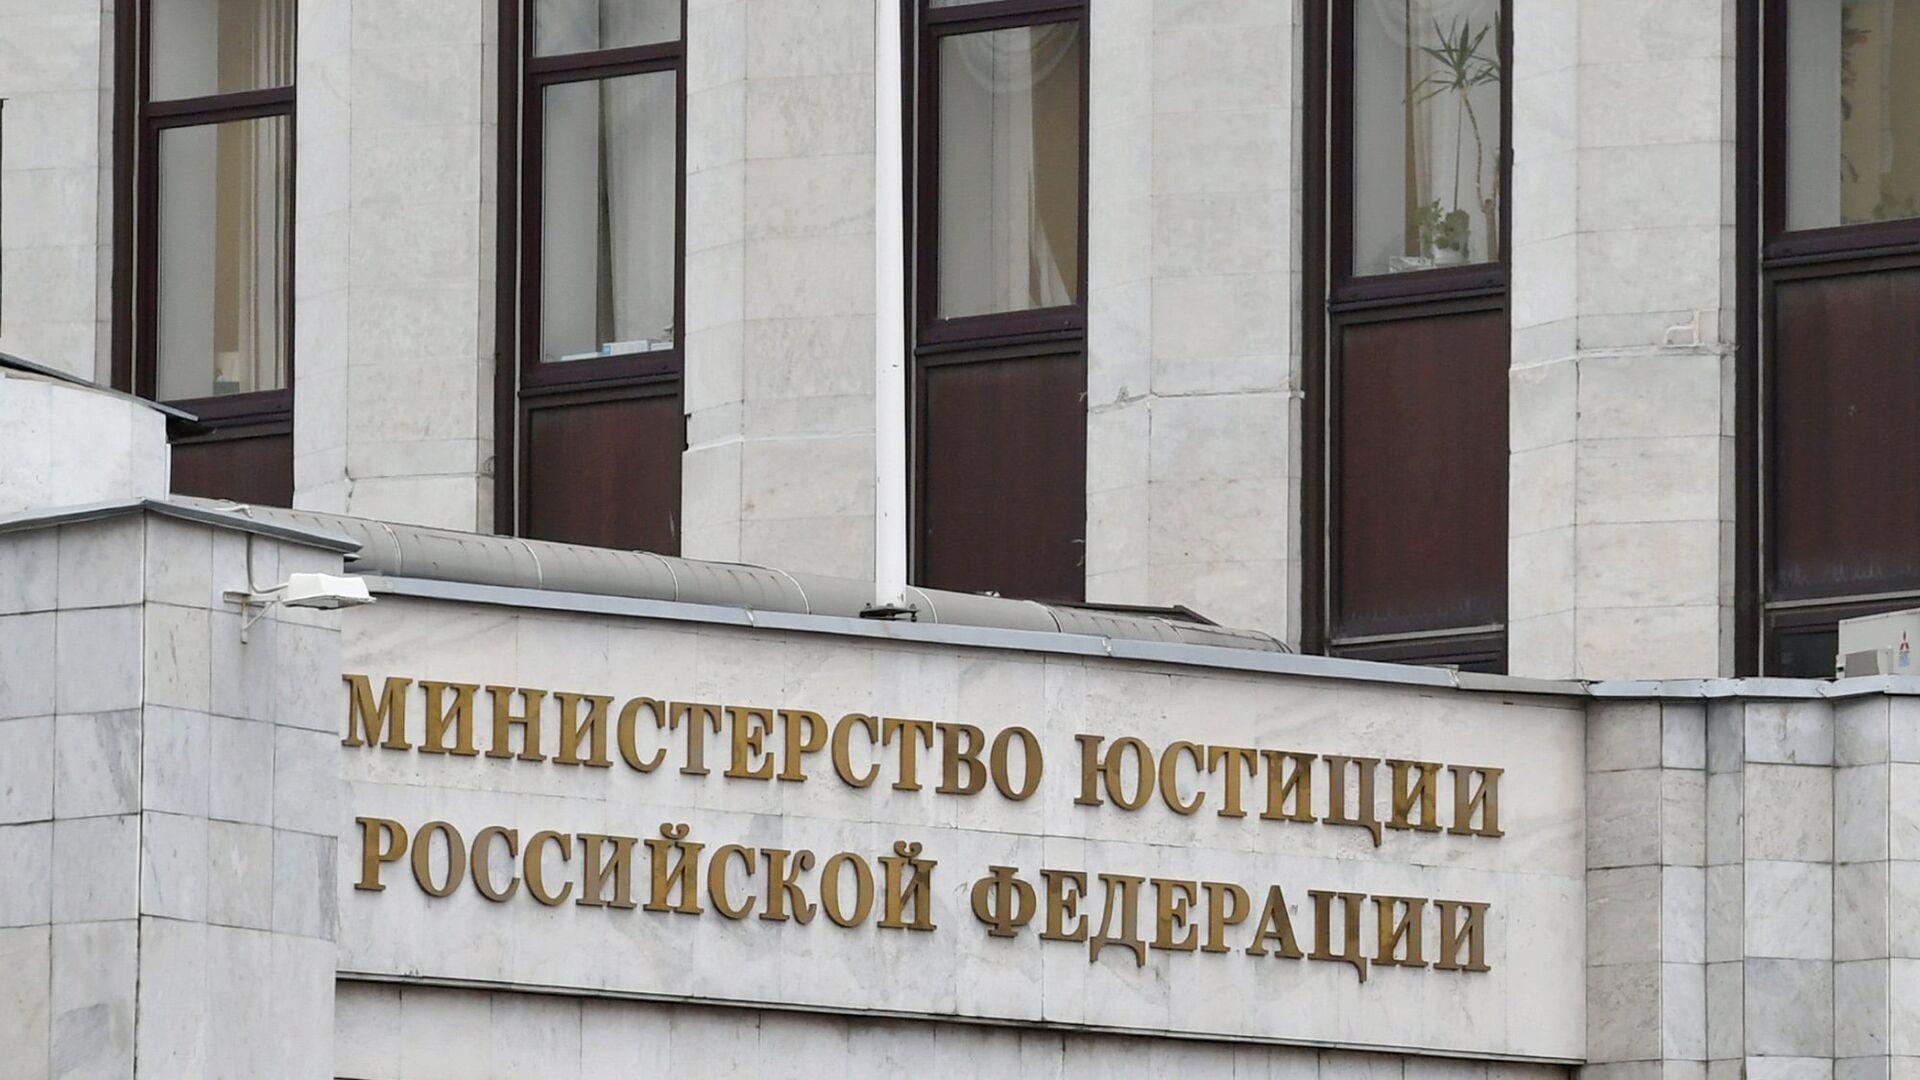 Здание министерства юстиции РФ - РИА Новости, 1920, 01.10.2021